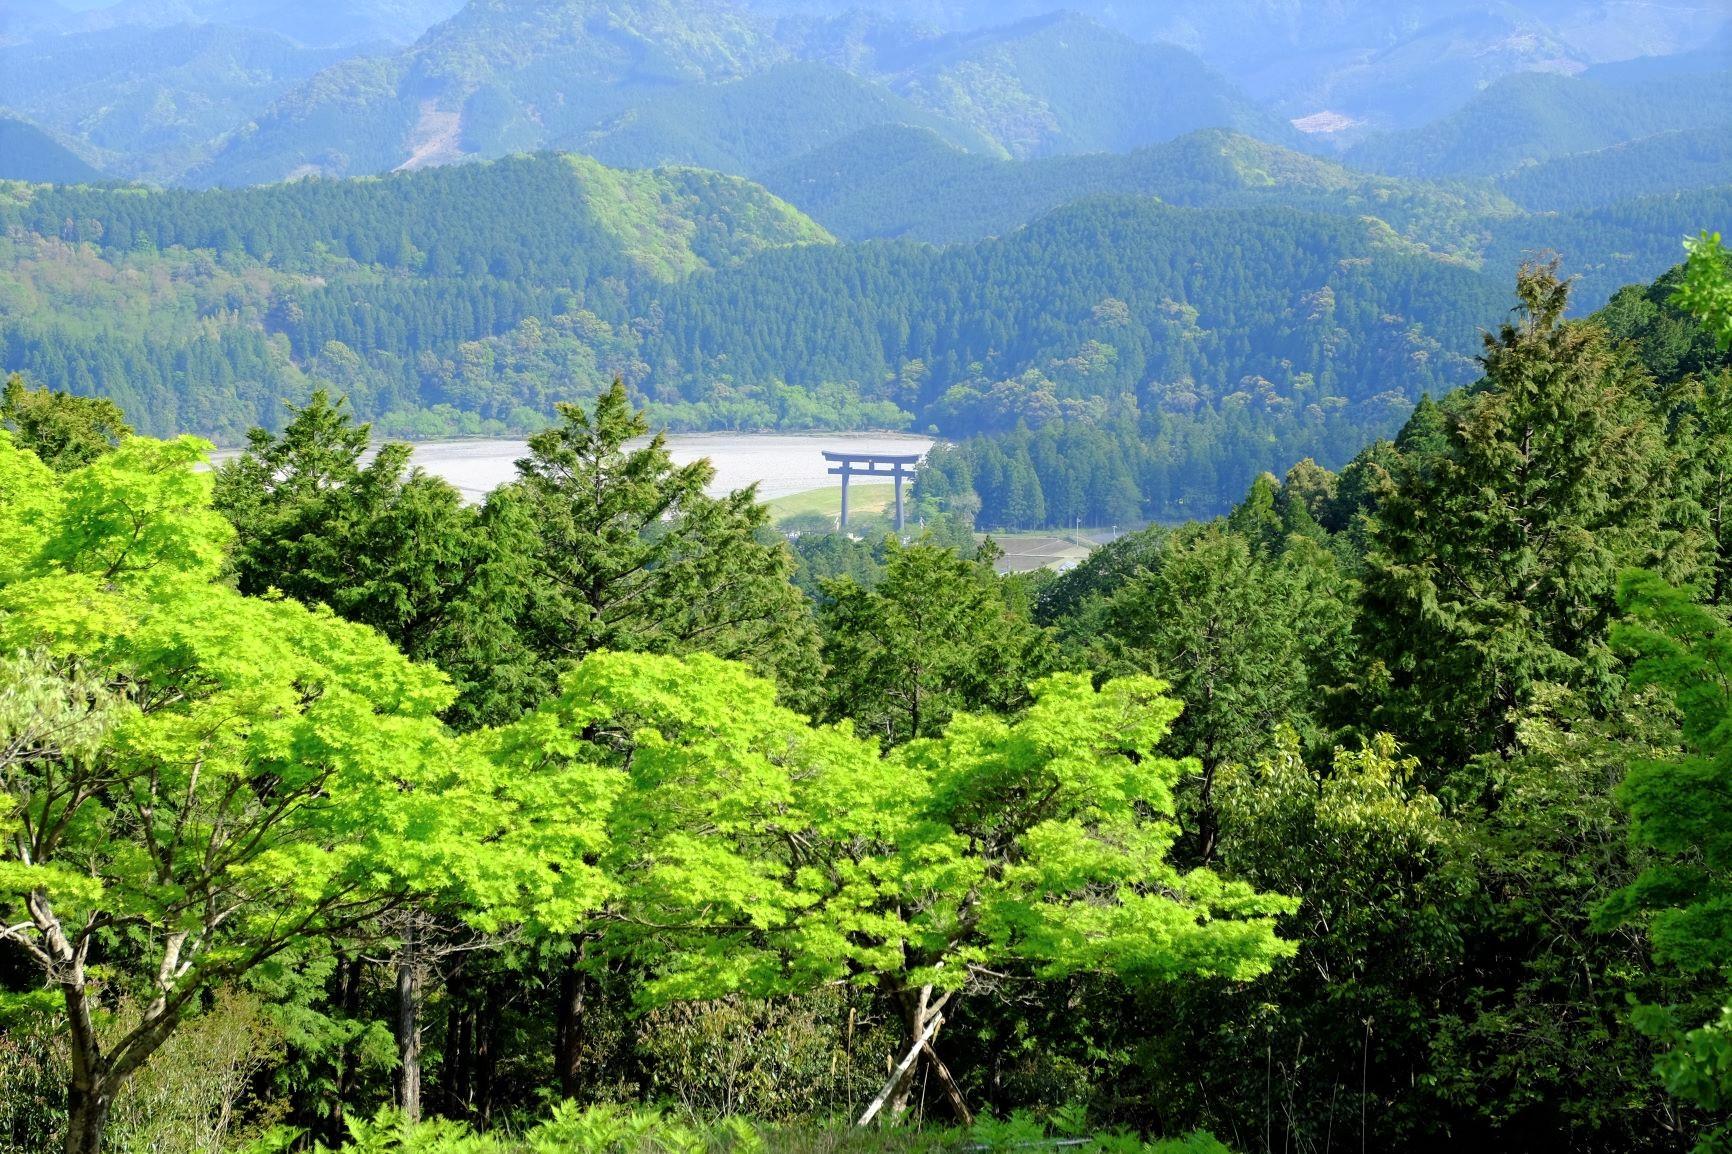 【新発表】2021年3月~5月出発 世界遺産の古道を歩く 熊野古道 小辺路70km 5日間